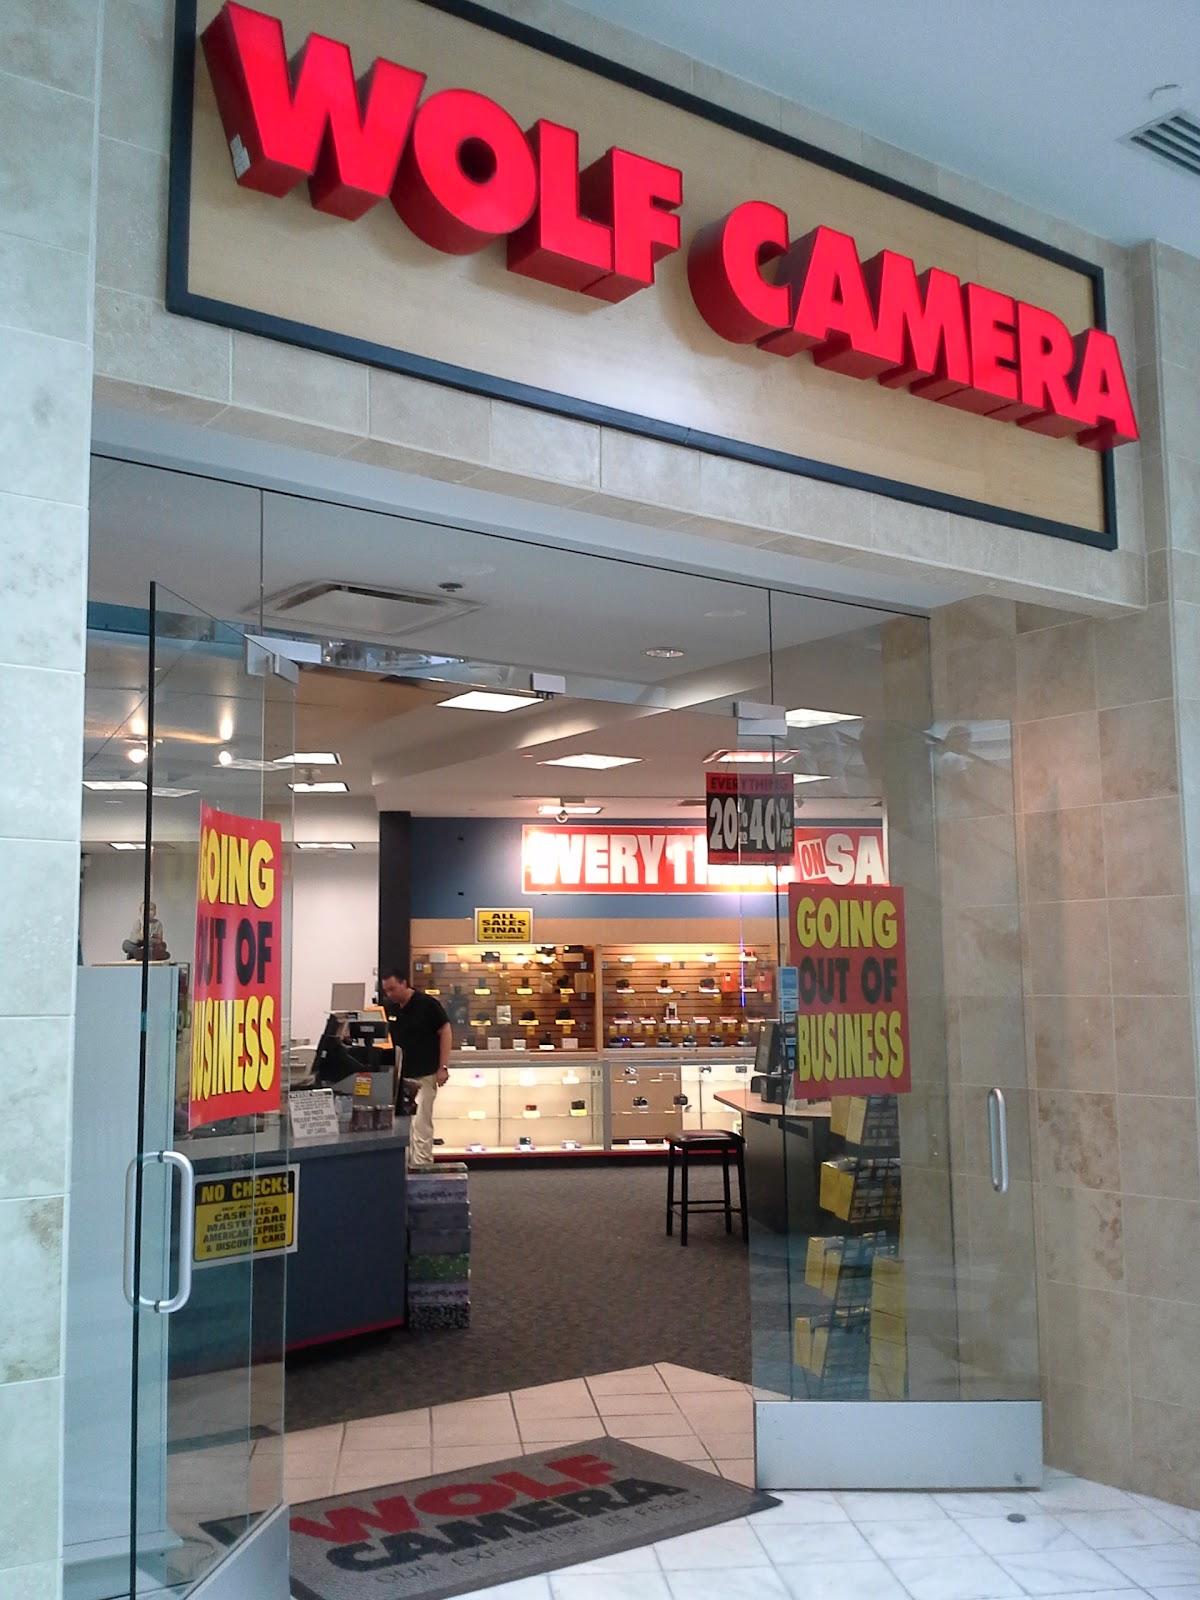 Tomorrow's News Today - Atlanta: Wolf & Ritz Camera Begin